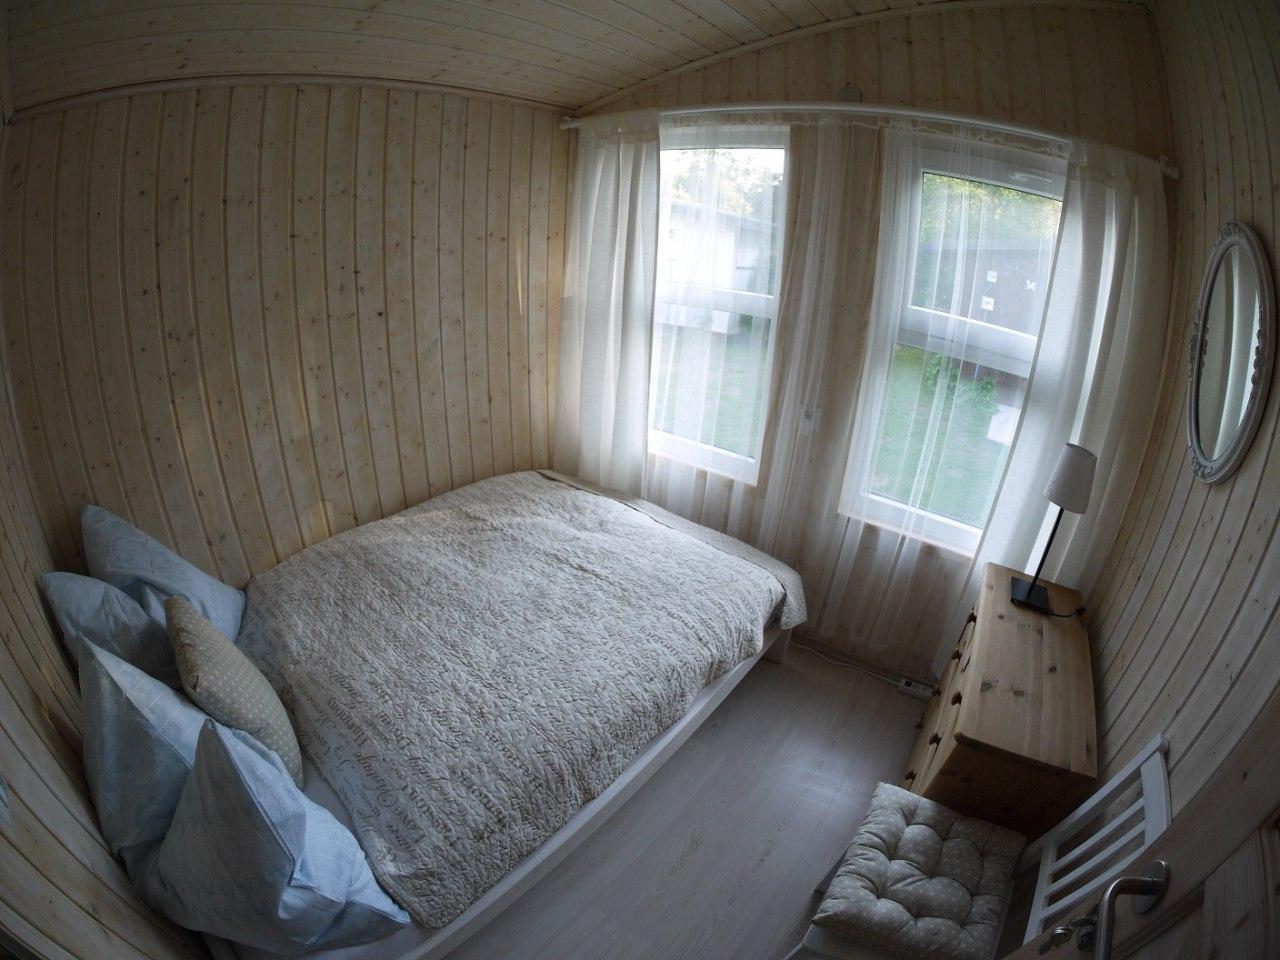 Domek z 2 sypialniami, łazienką i aneksem kuchennym.